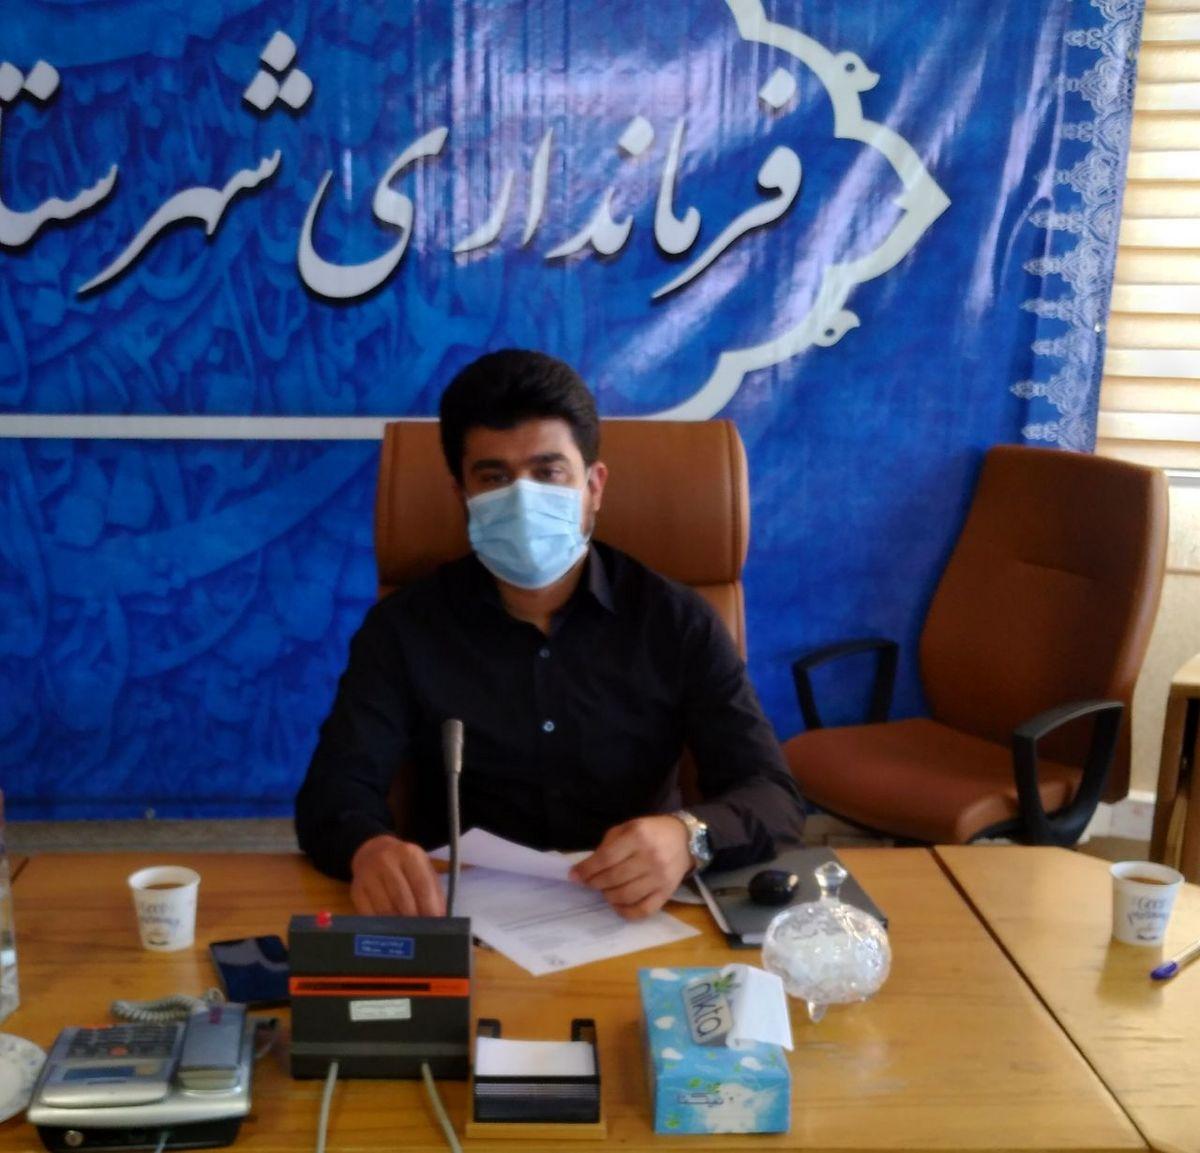 ۳۲ هزار و ۹۱۵ دُز واکسن کرونا در اردستان تزریق شد